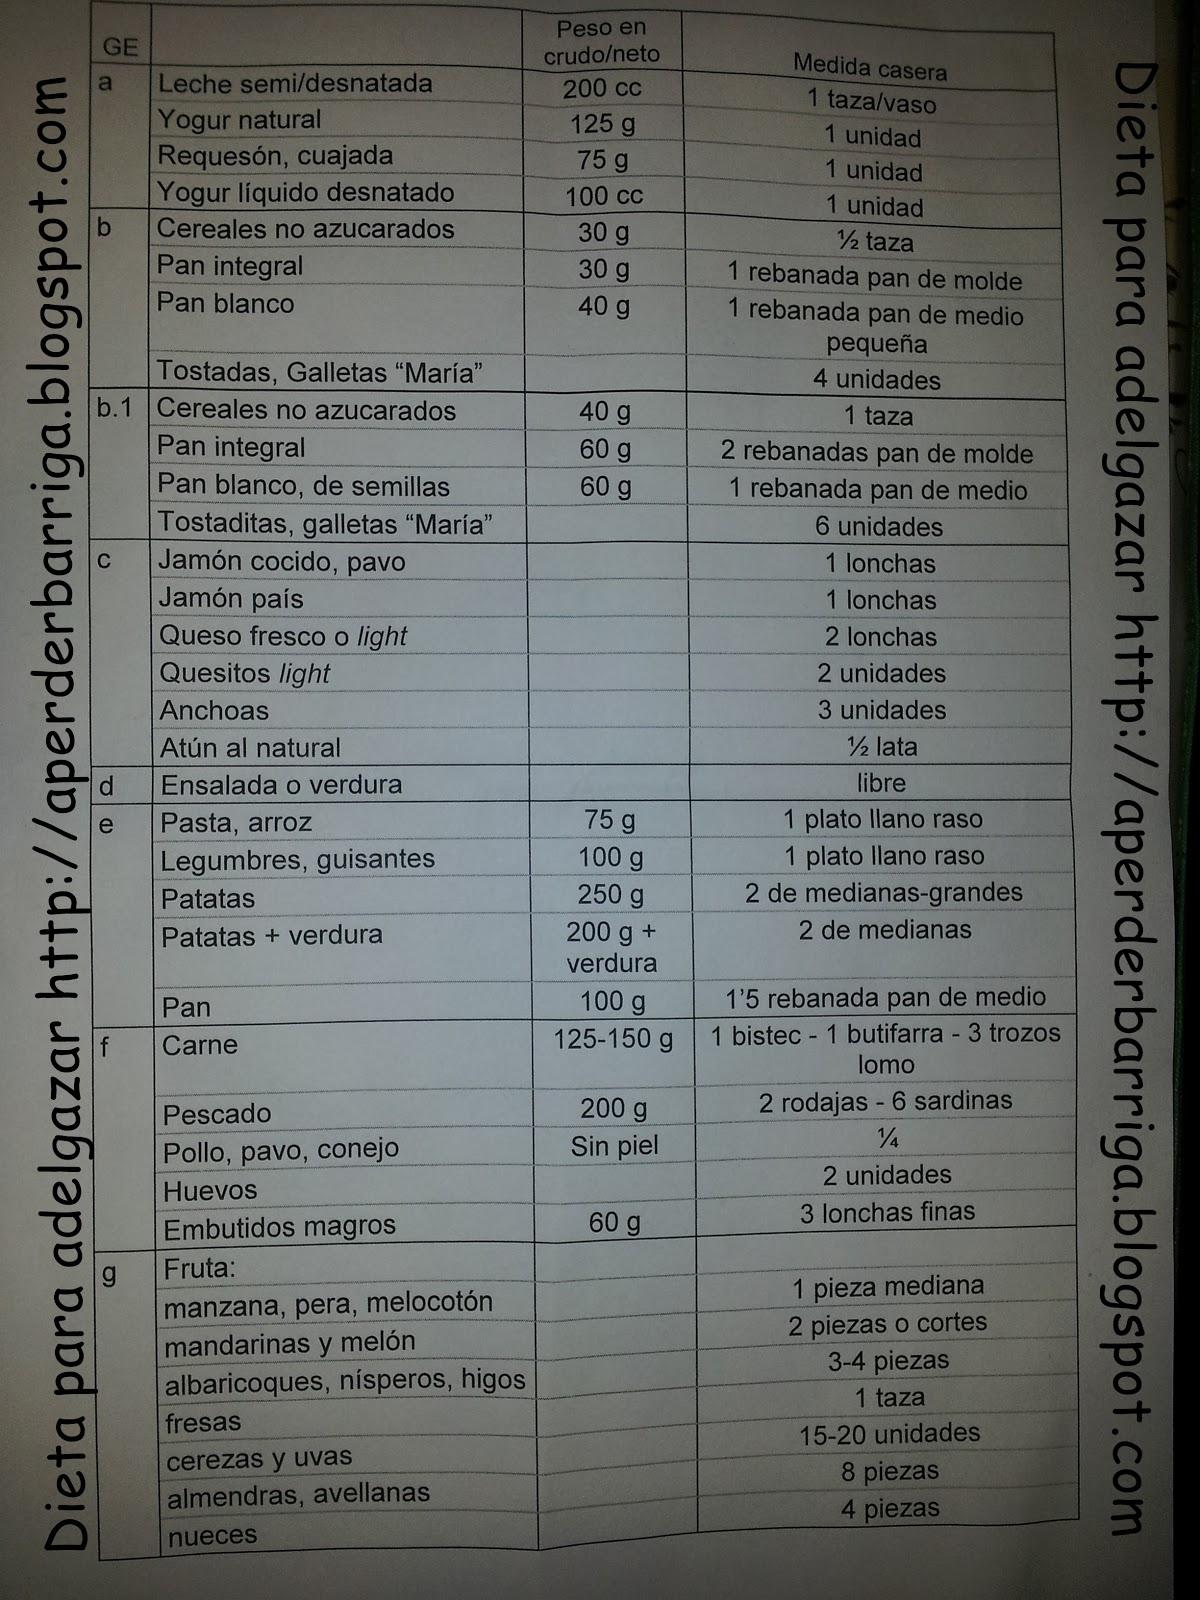 Tabla de dietas para adelgazar rapido